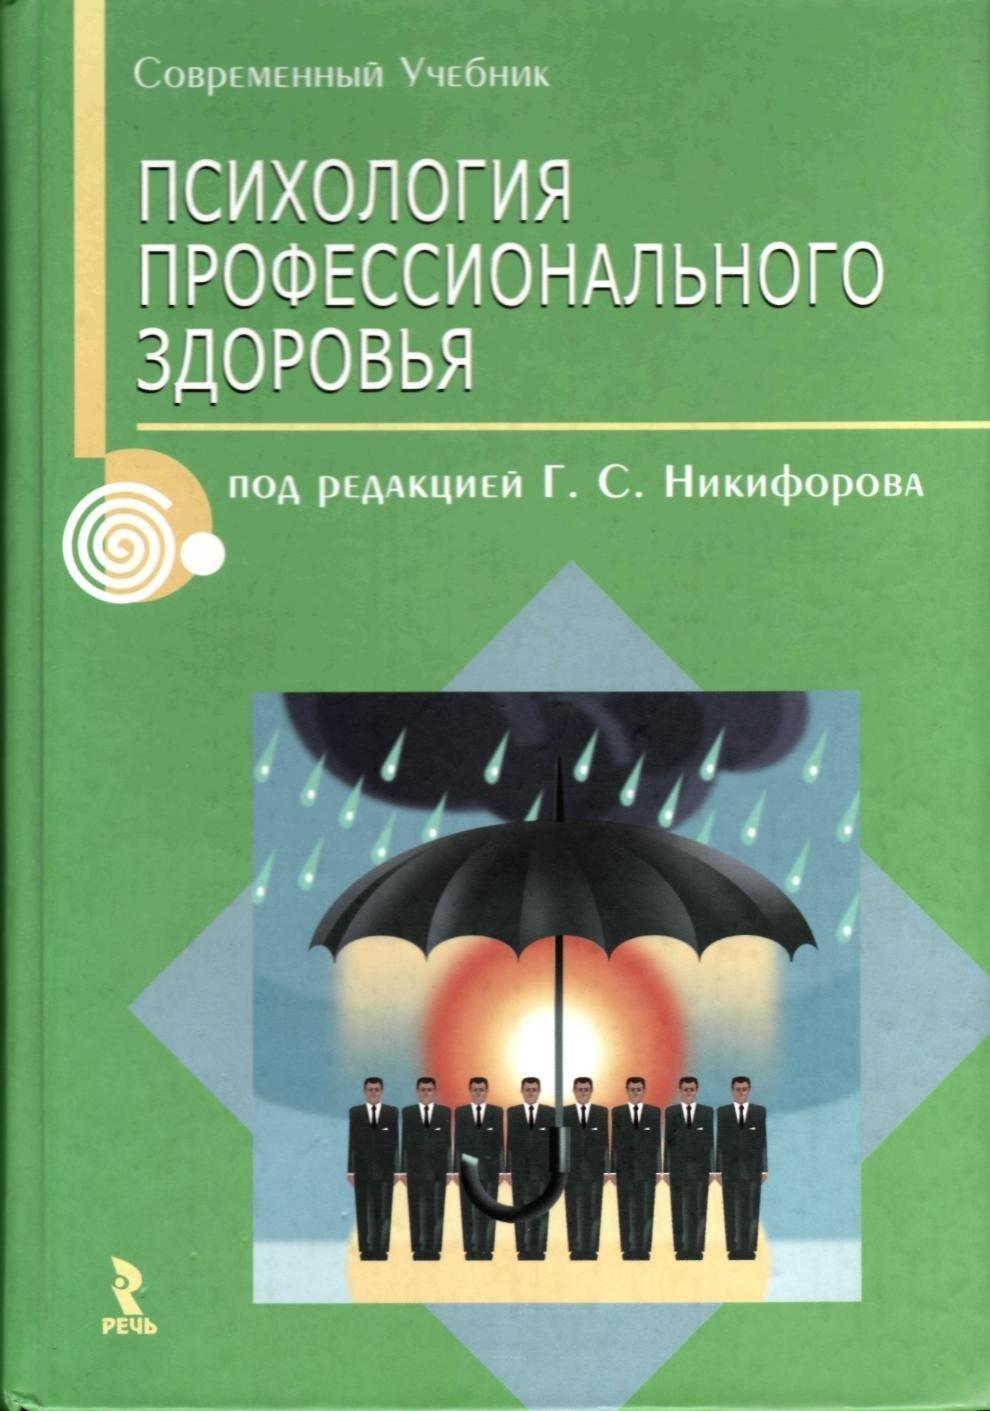 Скачать книгу никифорова психология здоровья